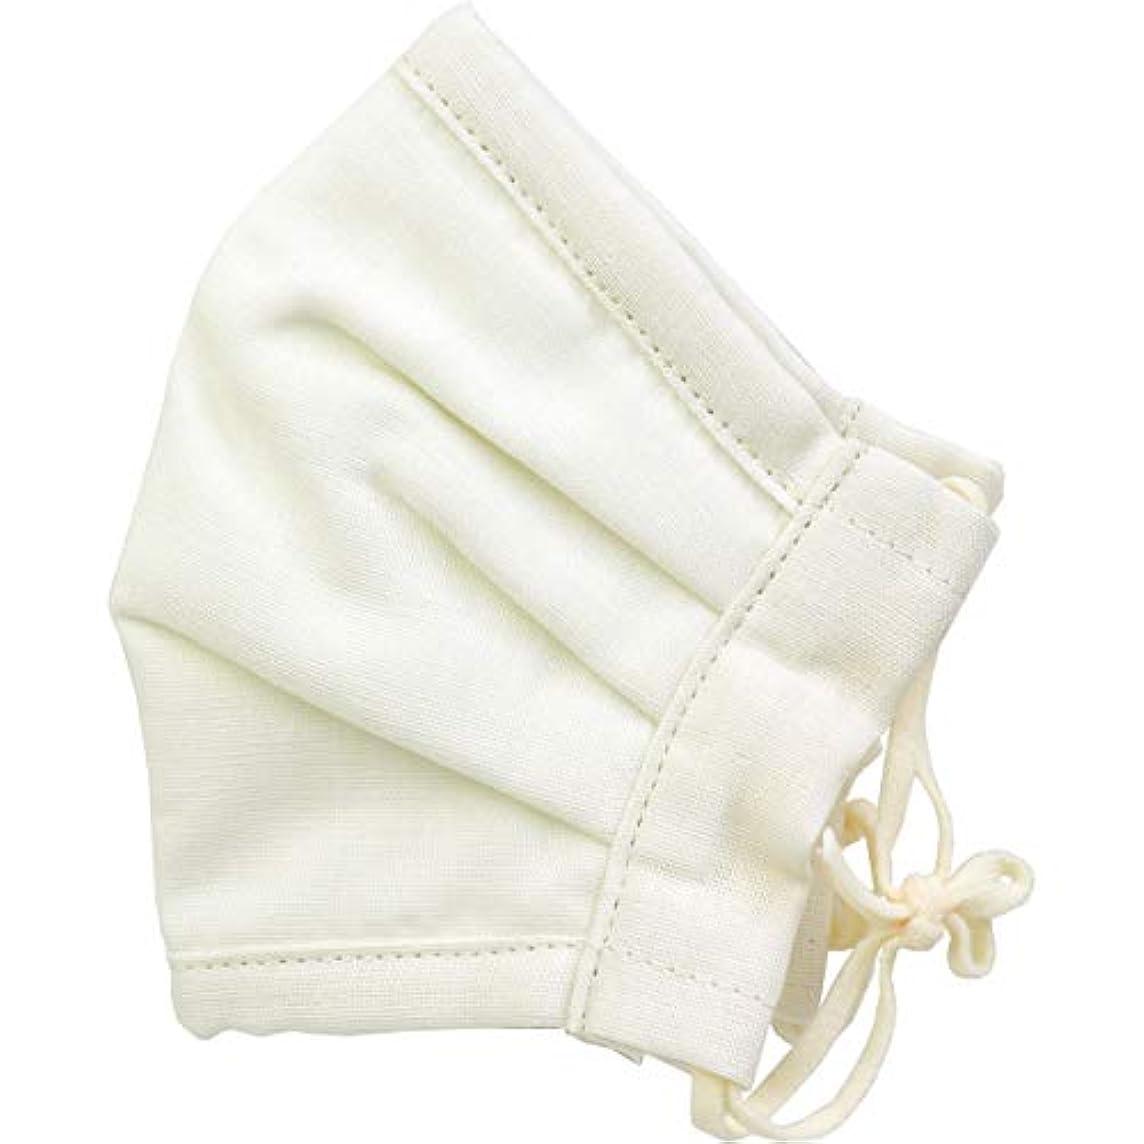 測定可能エコー聖書さらふわマスクダイヤドビー 敏感肌用 アイボリー ふつうサイズ 1枚入(単品)